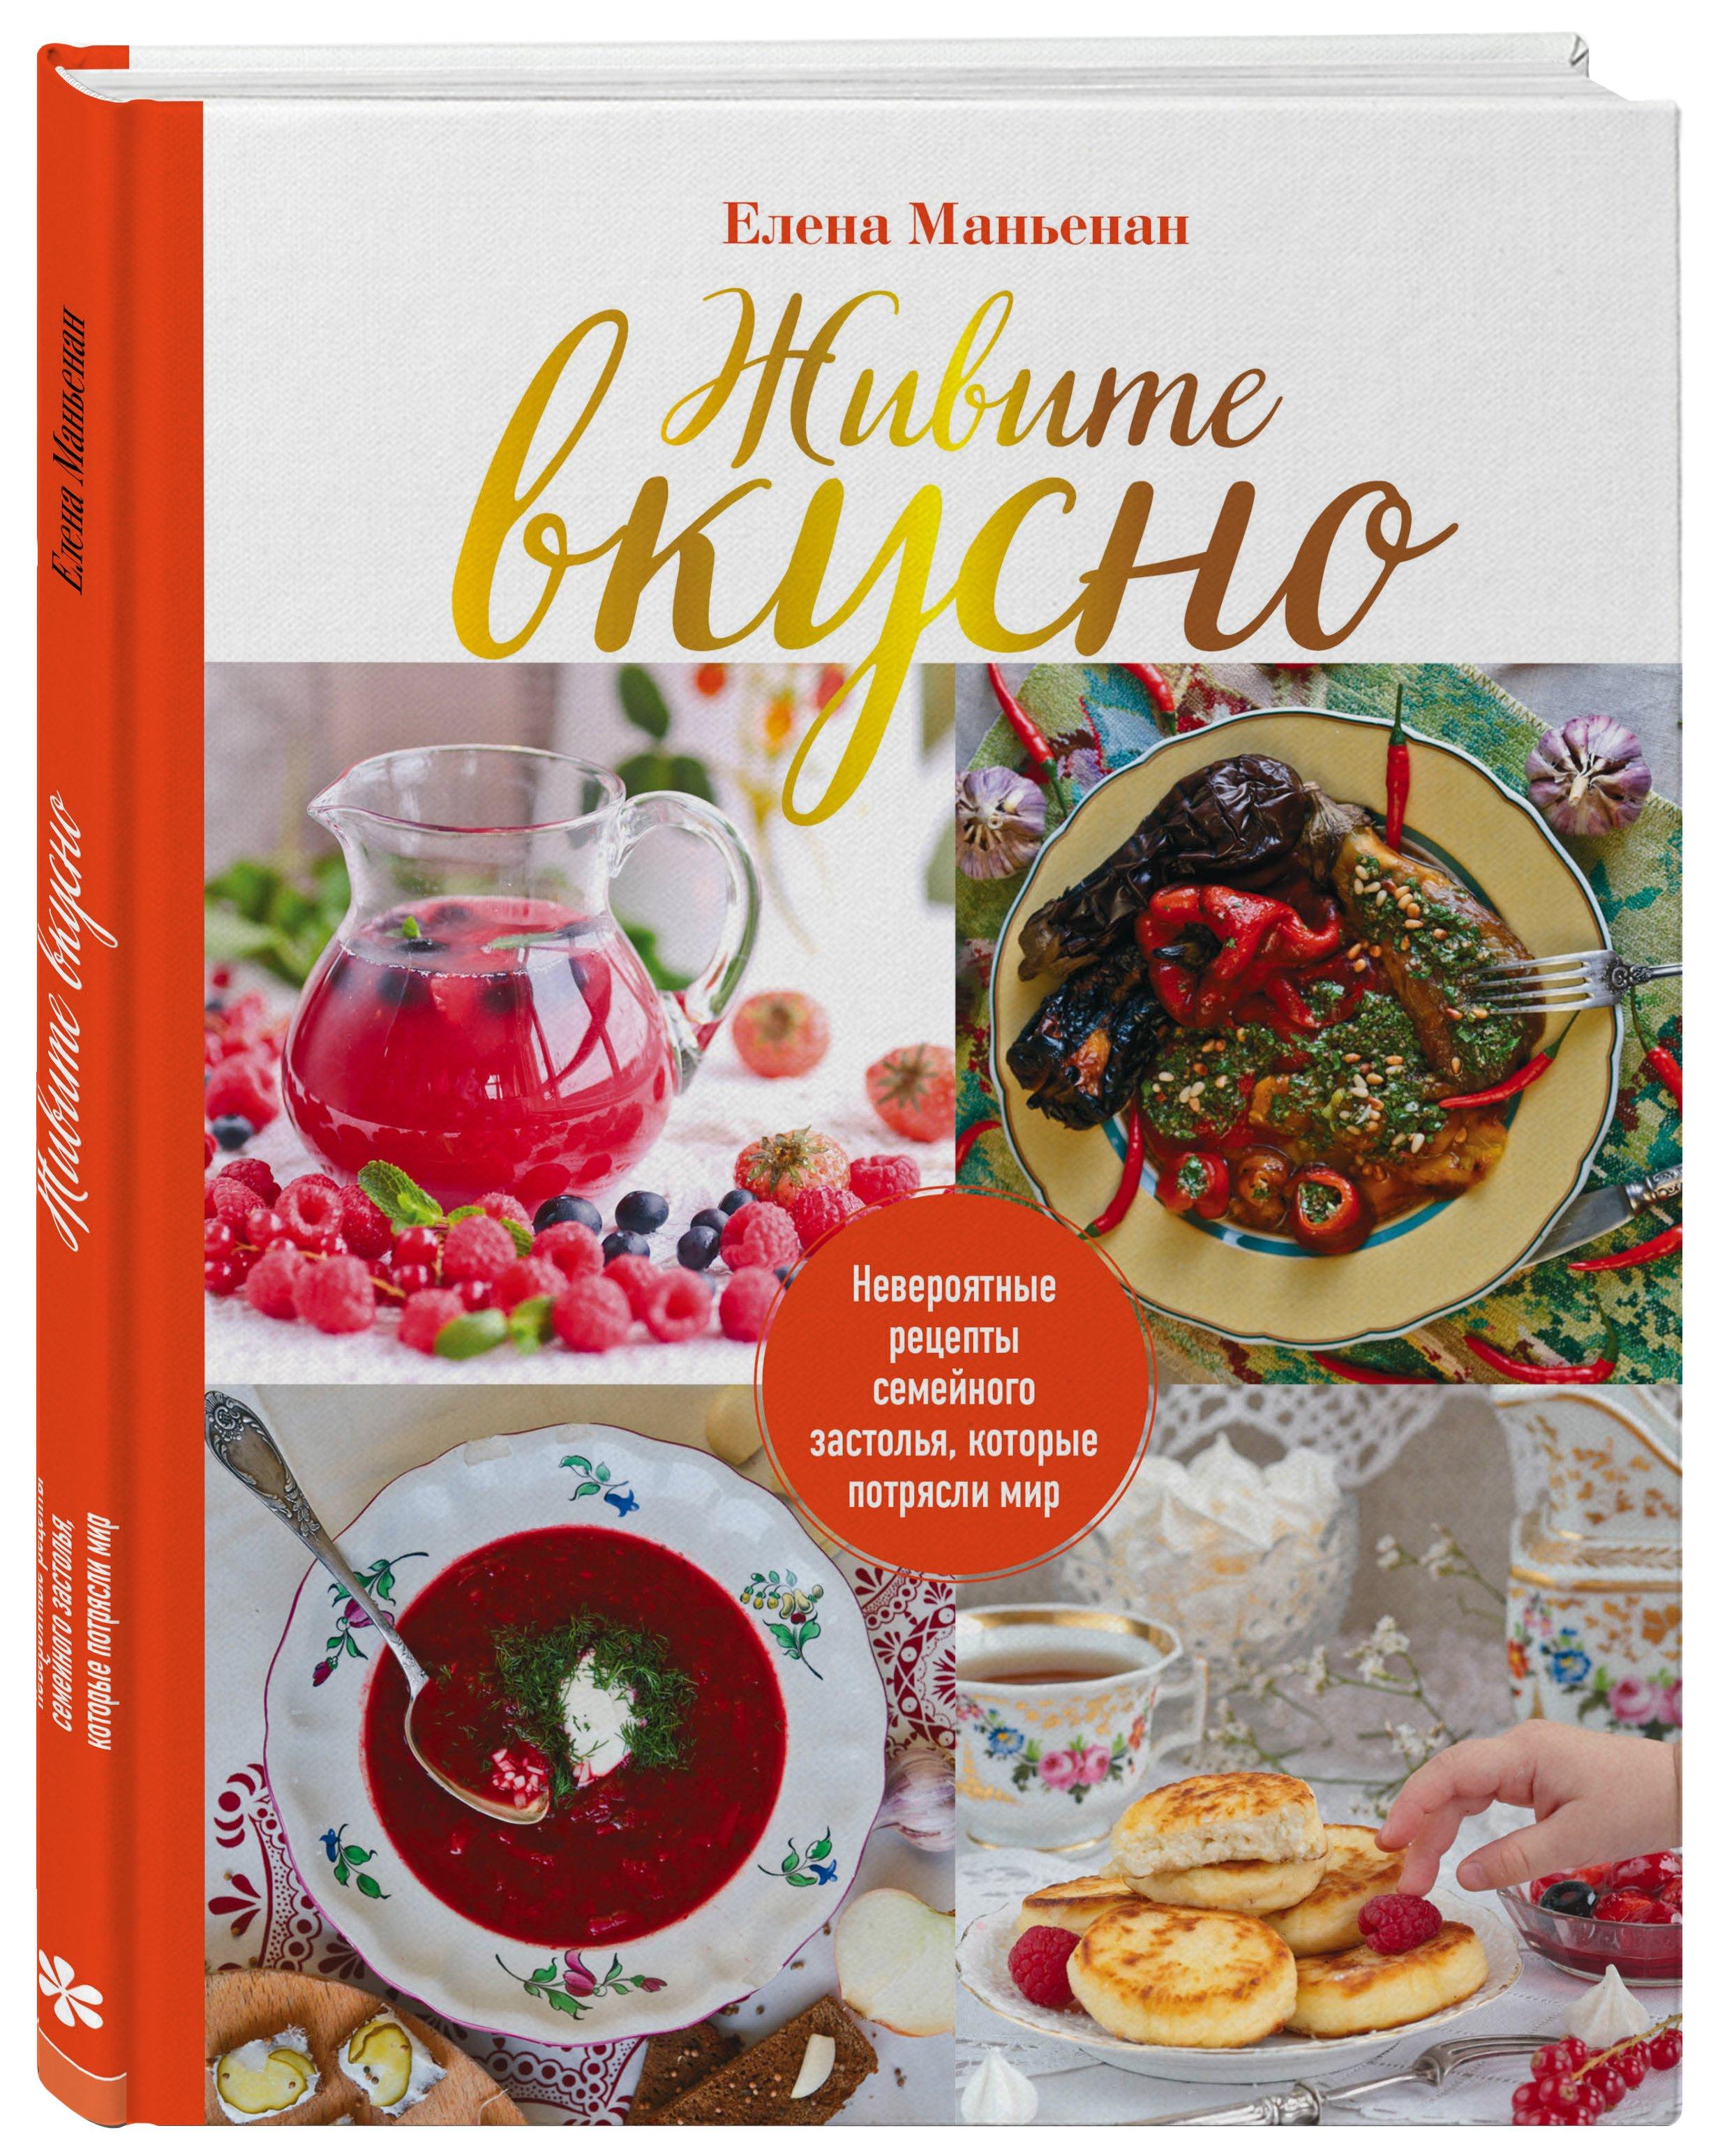 Zakazat.ru: Живите вкусно! Невероятные рецепты семейного застолья, которые потрясли мир. Маньенан Елена